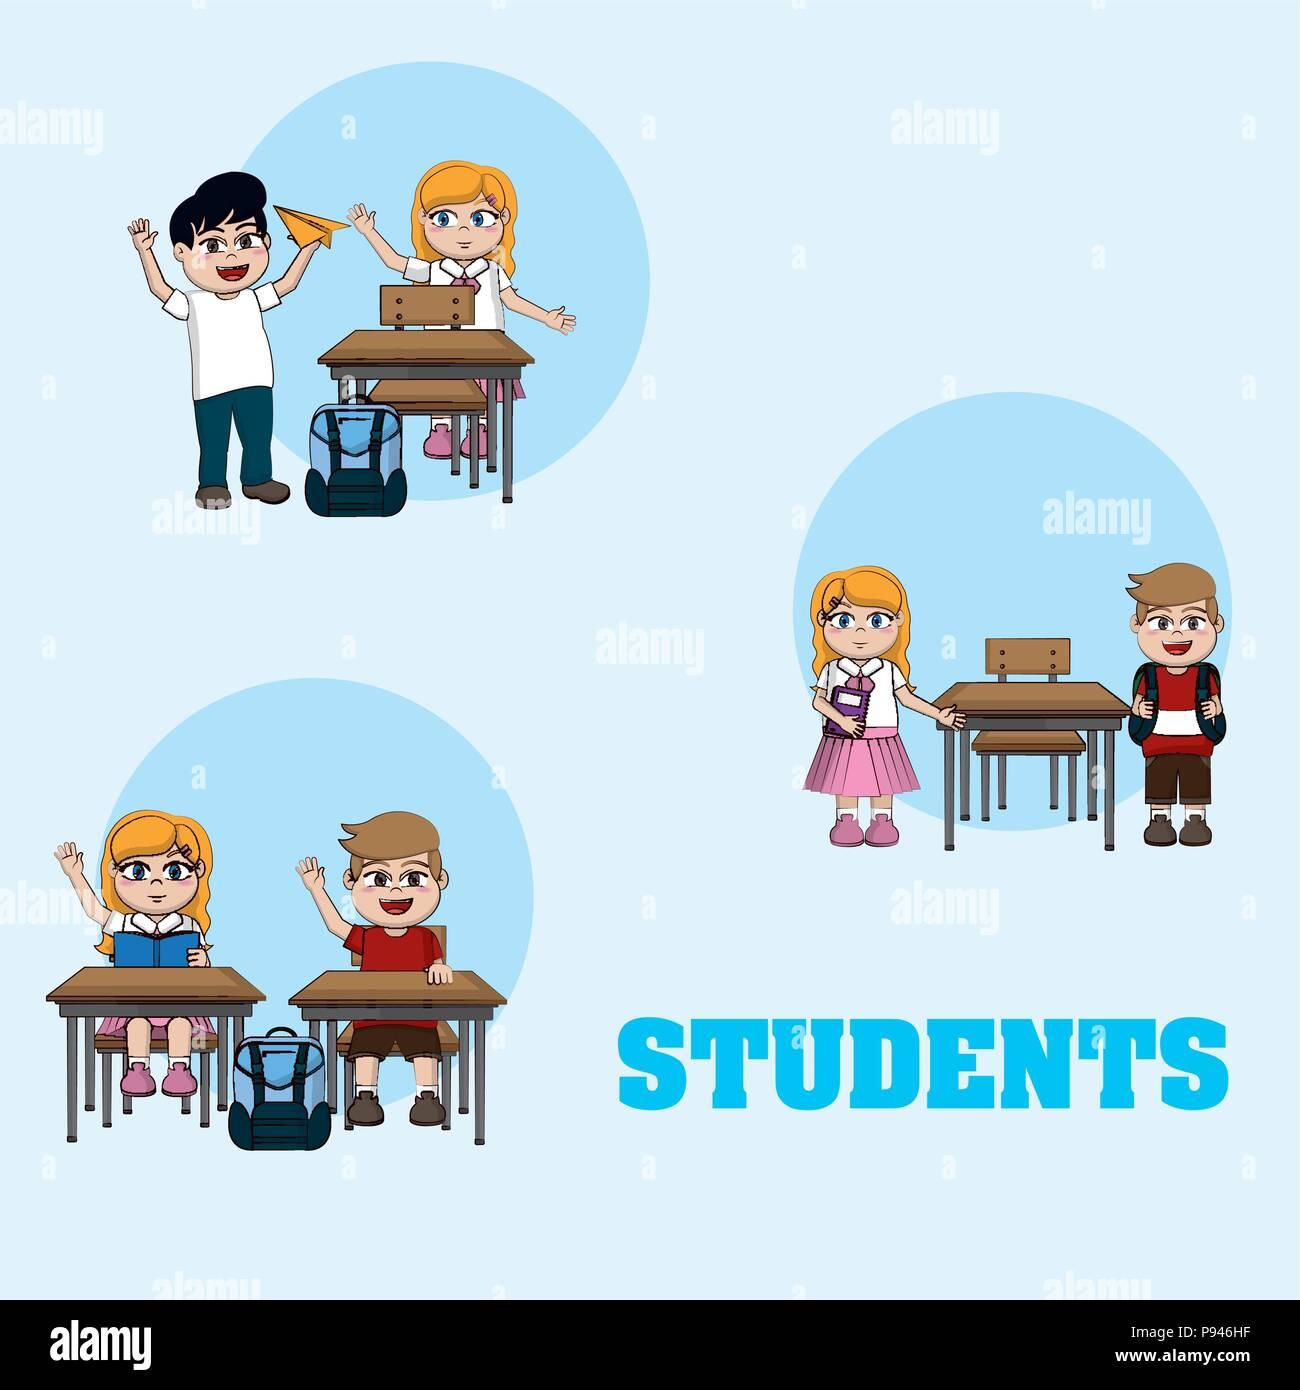 Cute Dibujos Animados Estudiantes Ronda Iconos Ilustración Vectorial